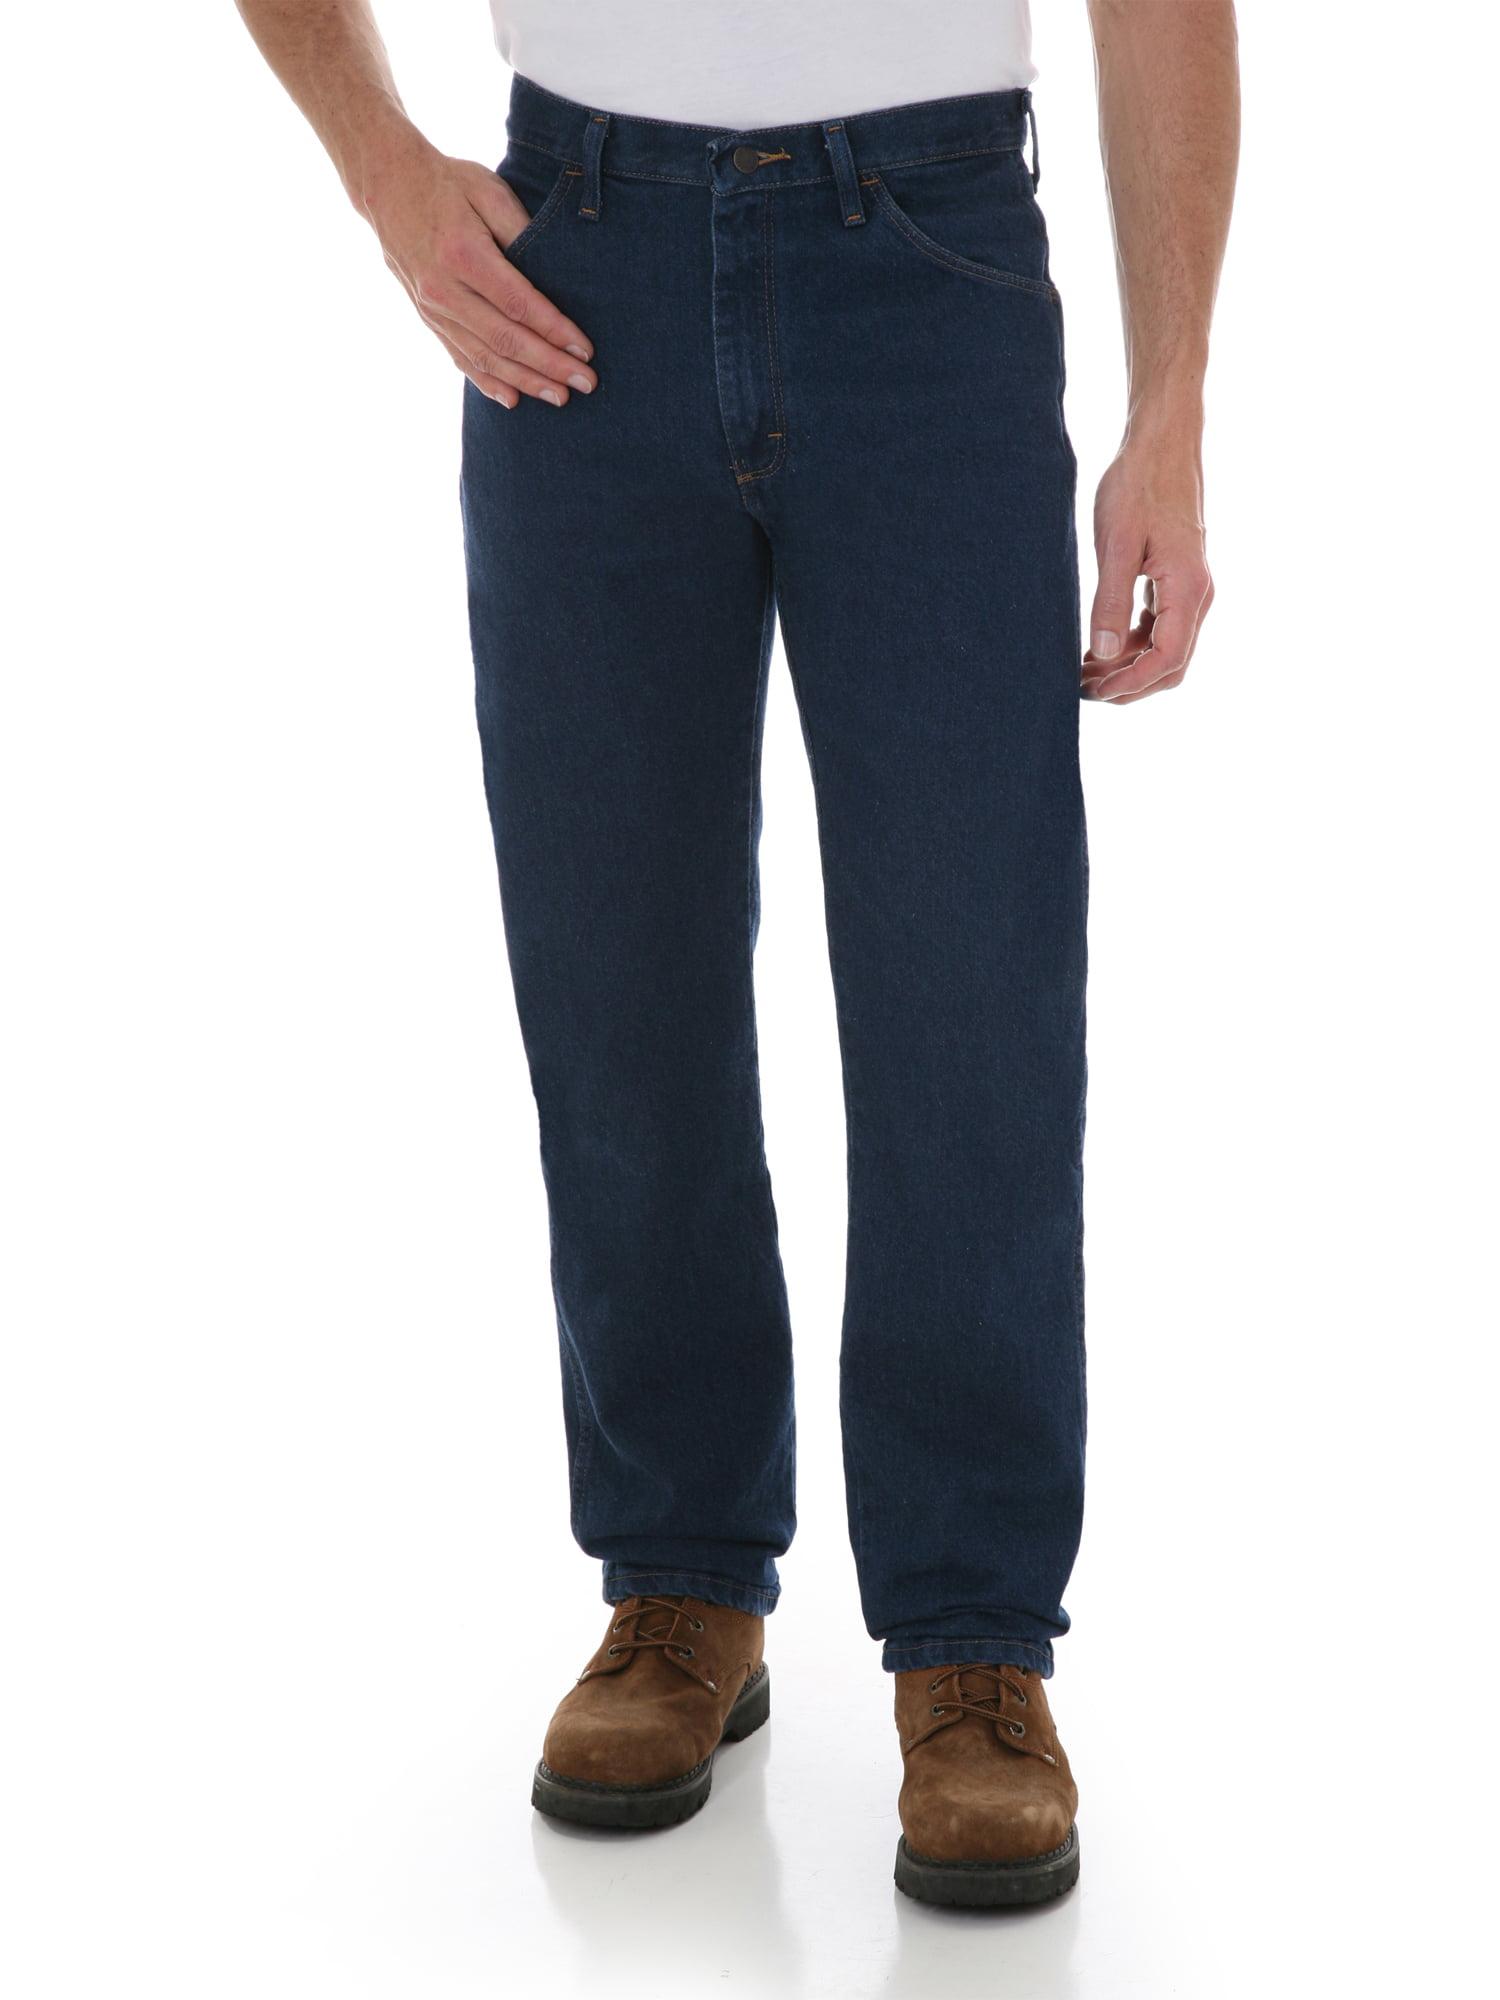 Rustler - Rustler Men s Regular Fit Jean - Walmart.com 0f776a8e7b